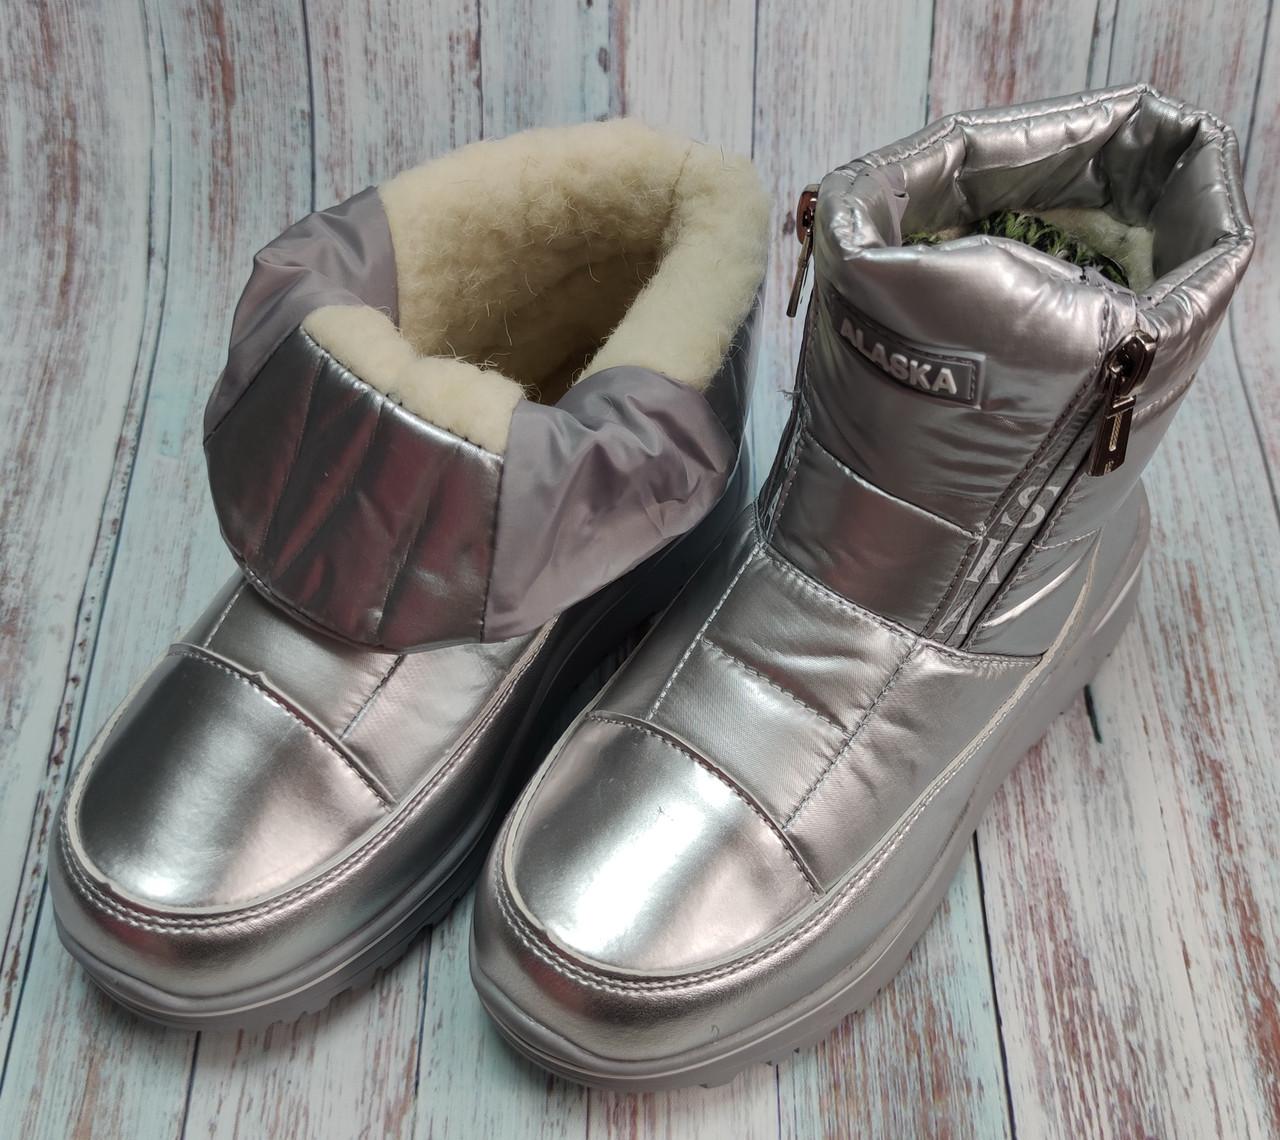 Детские подростковые дутики зимние сапоги на зиму для девочки серебро Alaska